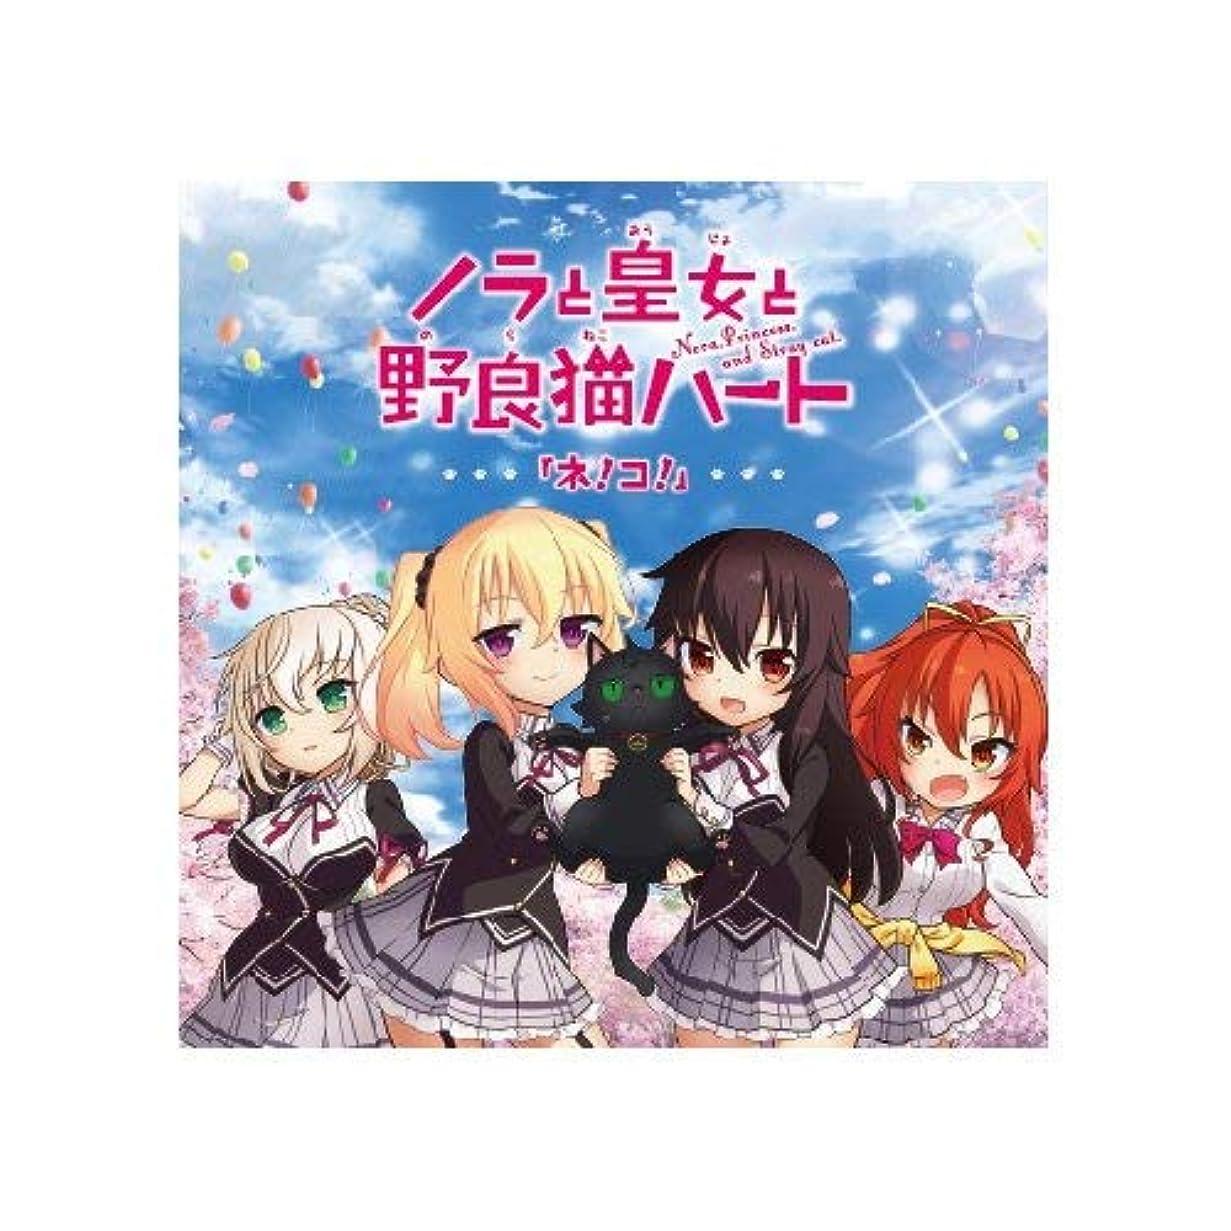 収まる詳細にフロンティアTVアニメ ノラと皇女と野良猫ハートOP曲「ネ!コ!」同梱 HARUKAZEグッズセットC92